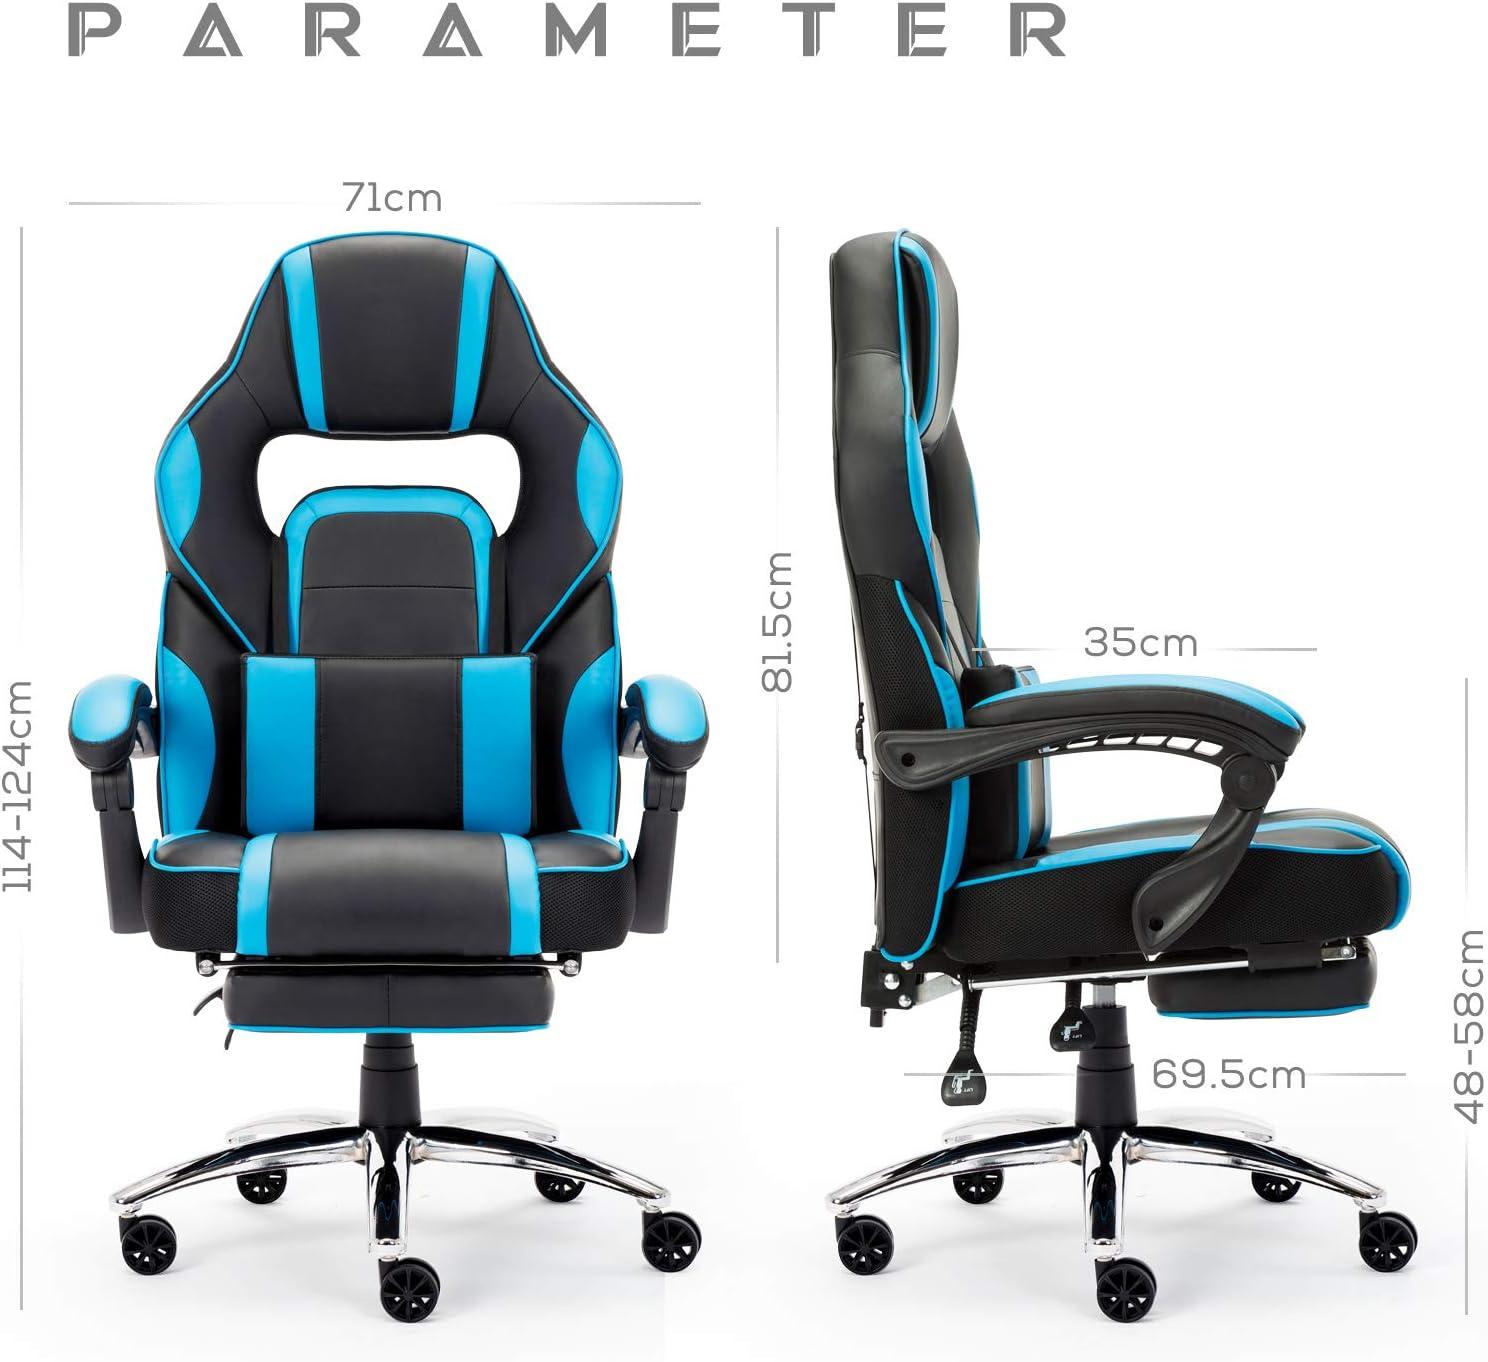 IntimaTe WM Heart Sedia Gaming Sedia di Computer Sedia da Gioco di Pu Sedia ergonomica con Il Cuscino Lombare e poggiapiedi Sedia con Alto Schienale Blu